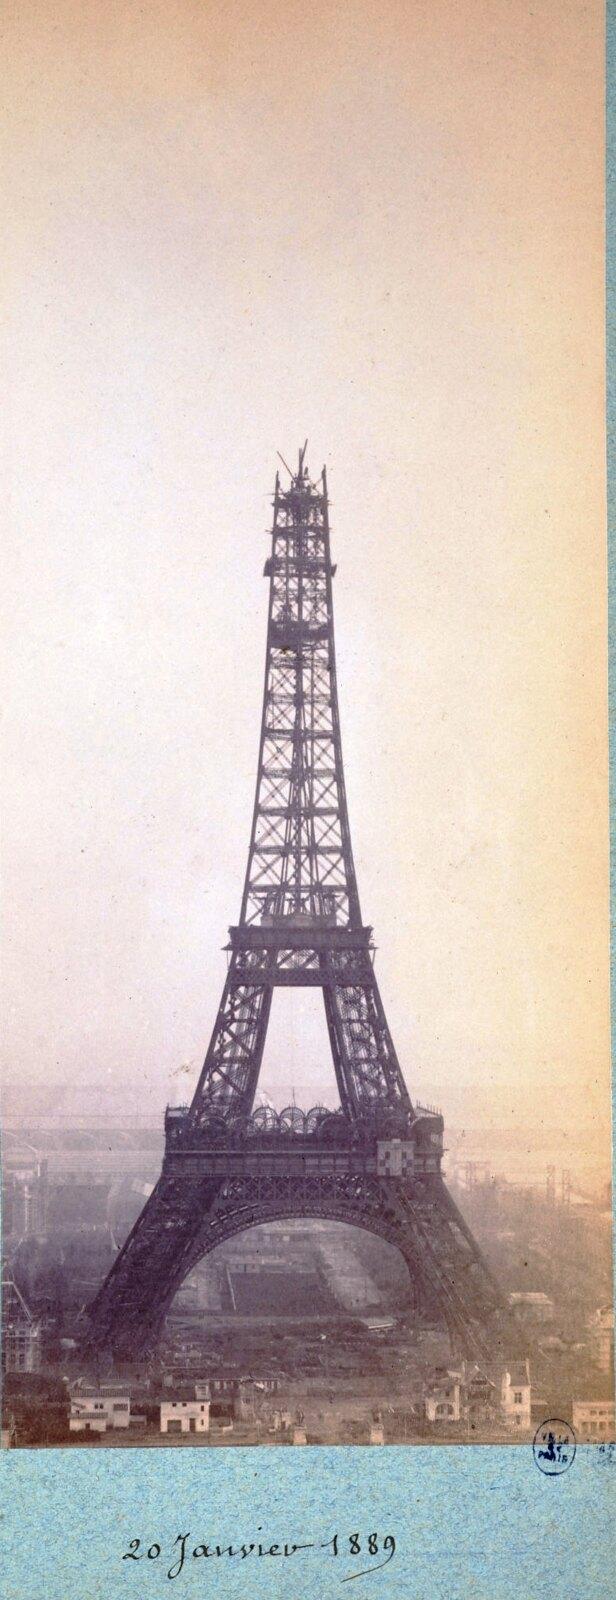 14. 1889. 20 января